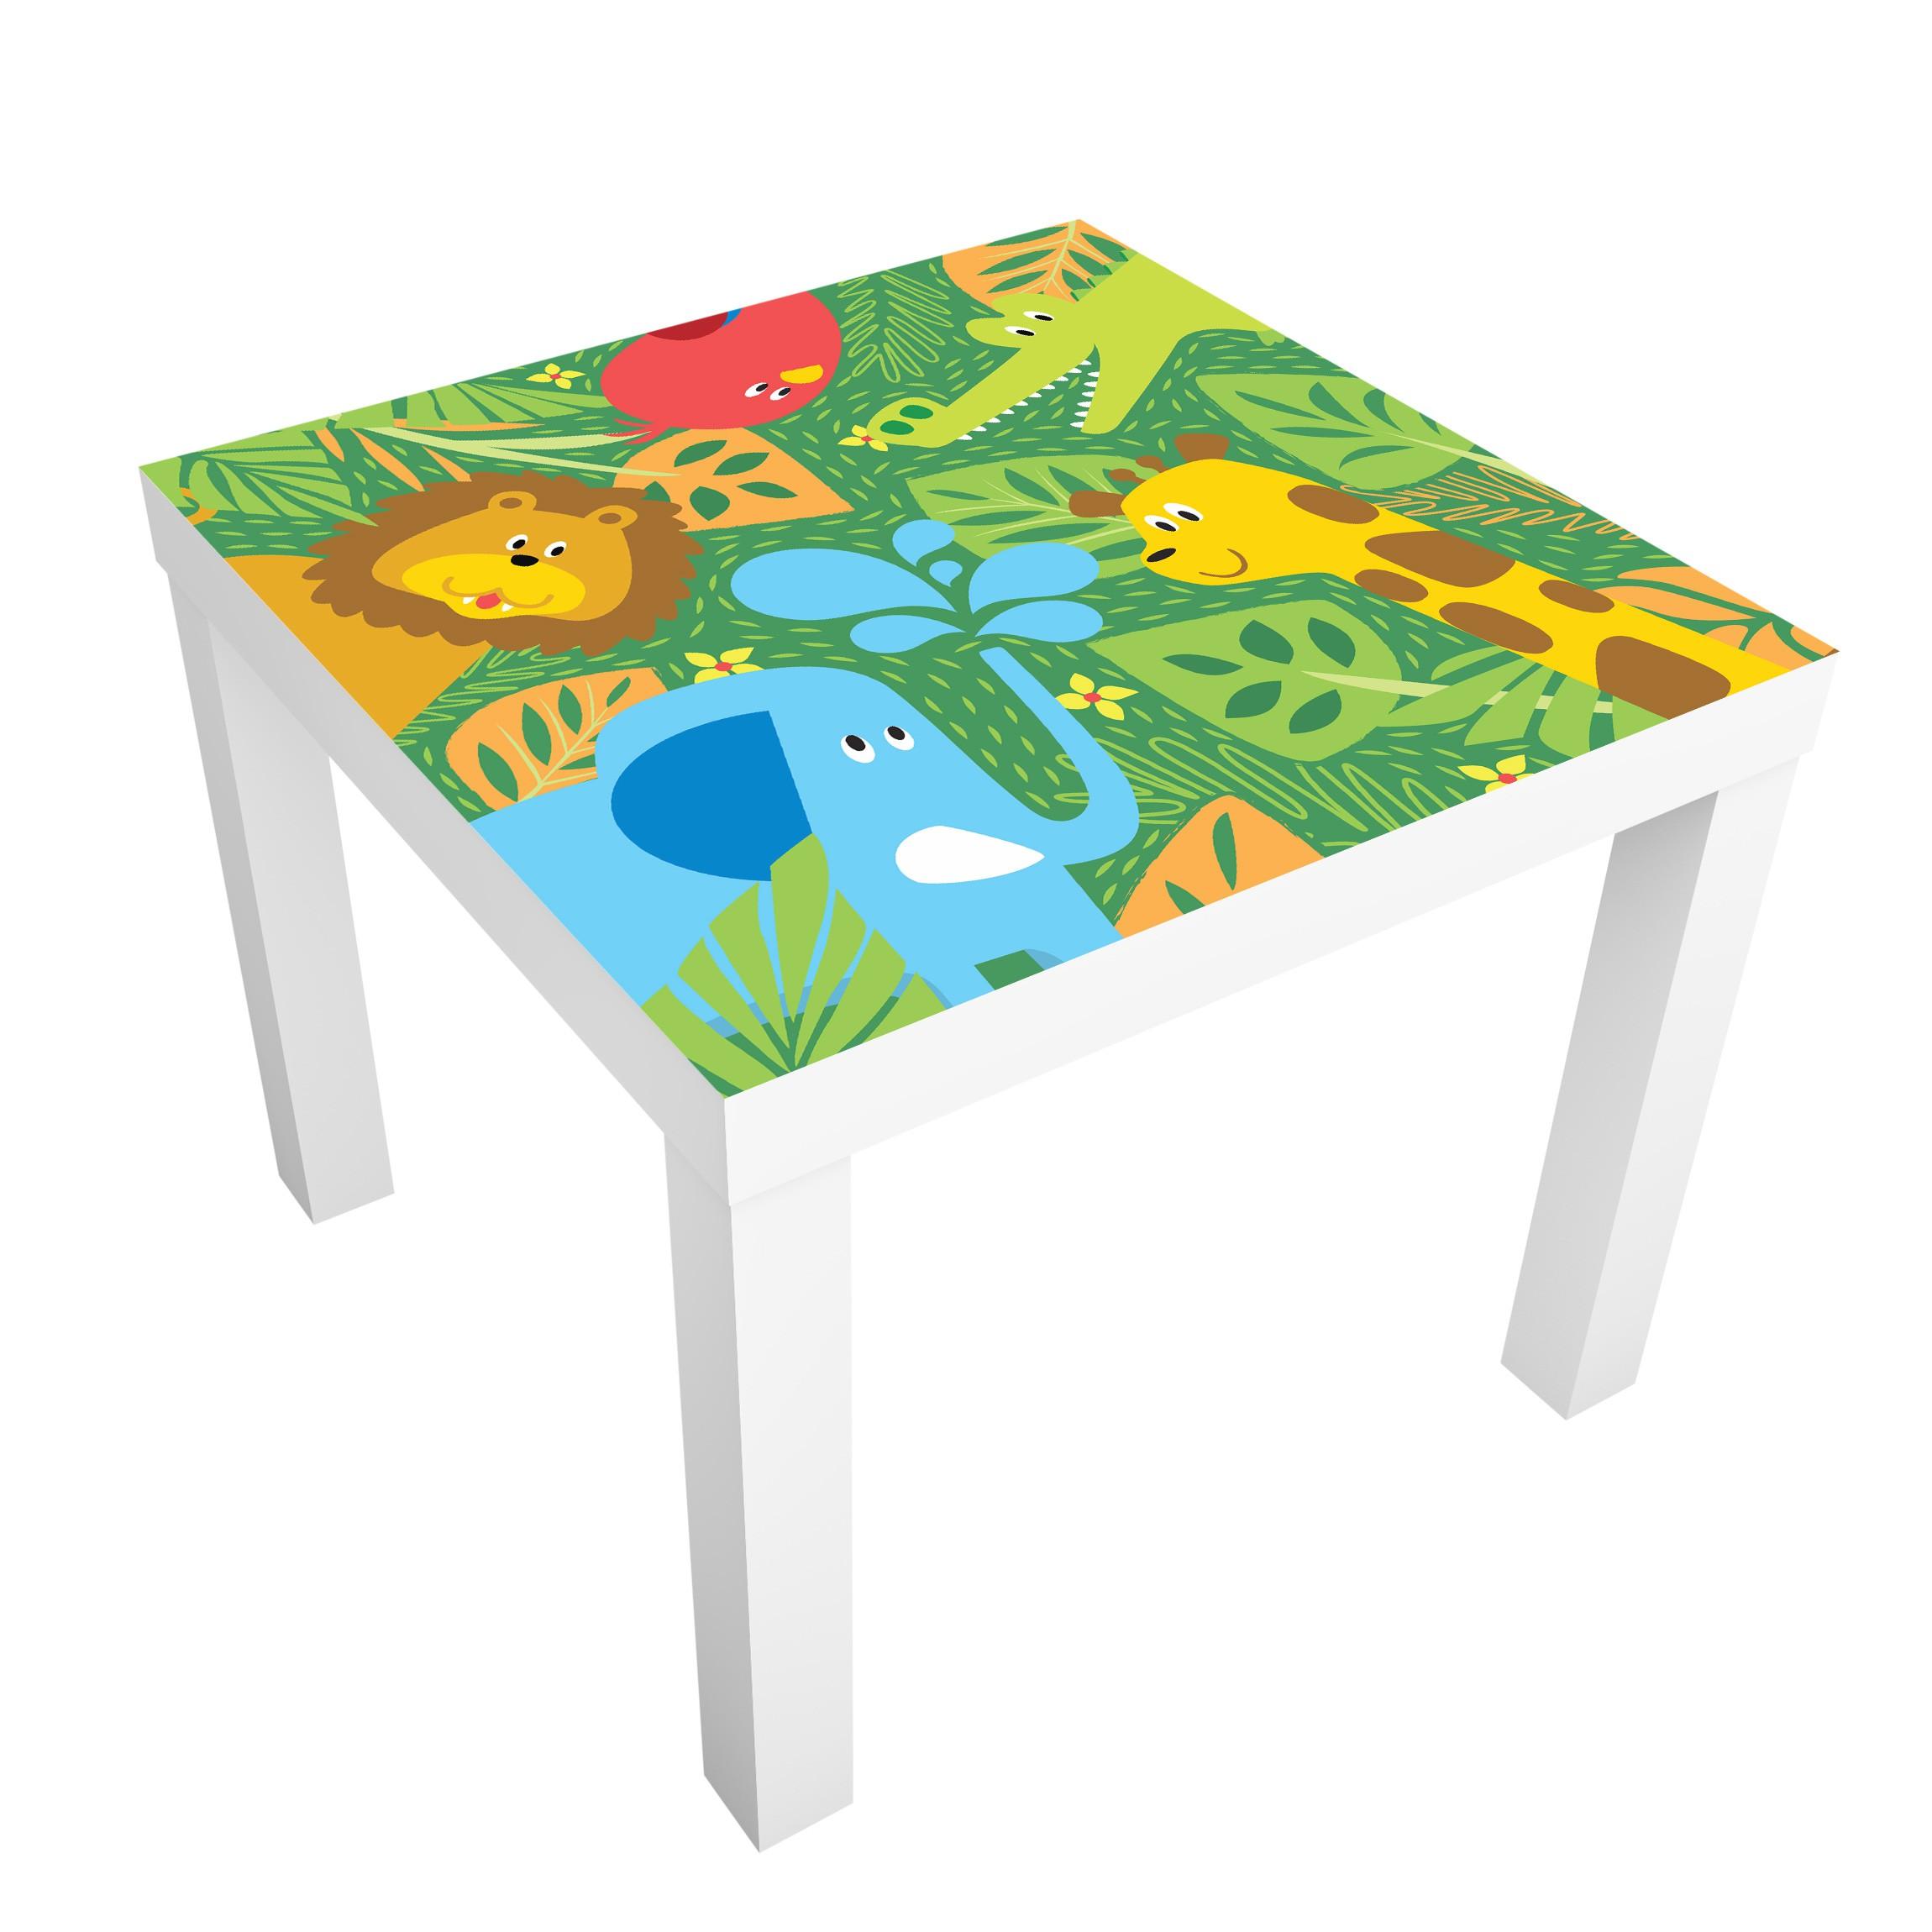 Carta adesiva per mobili ikea lack tavolino no bp4 zoo - Carta per foderare mobili ...